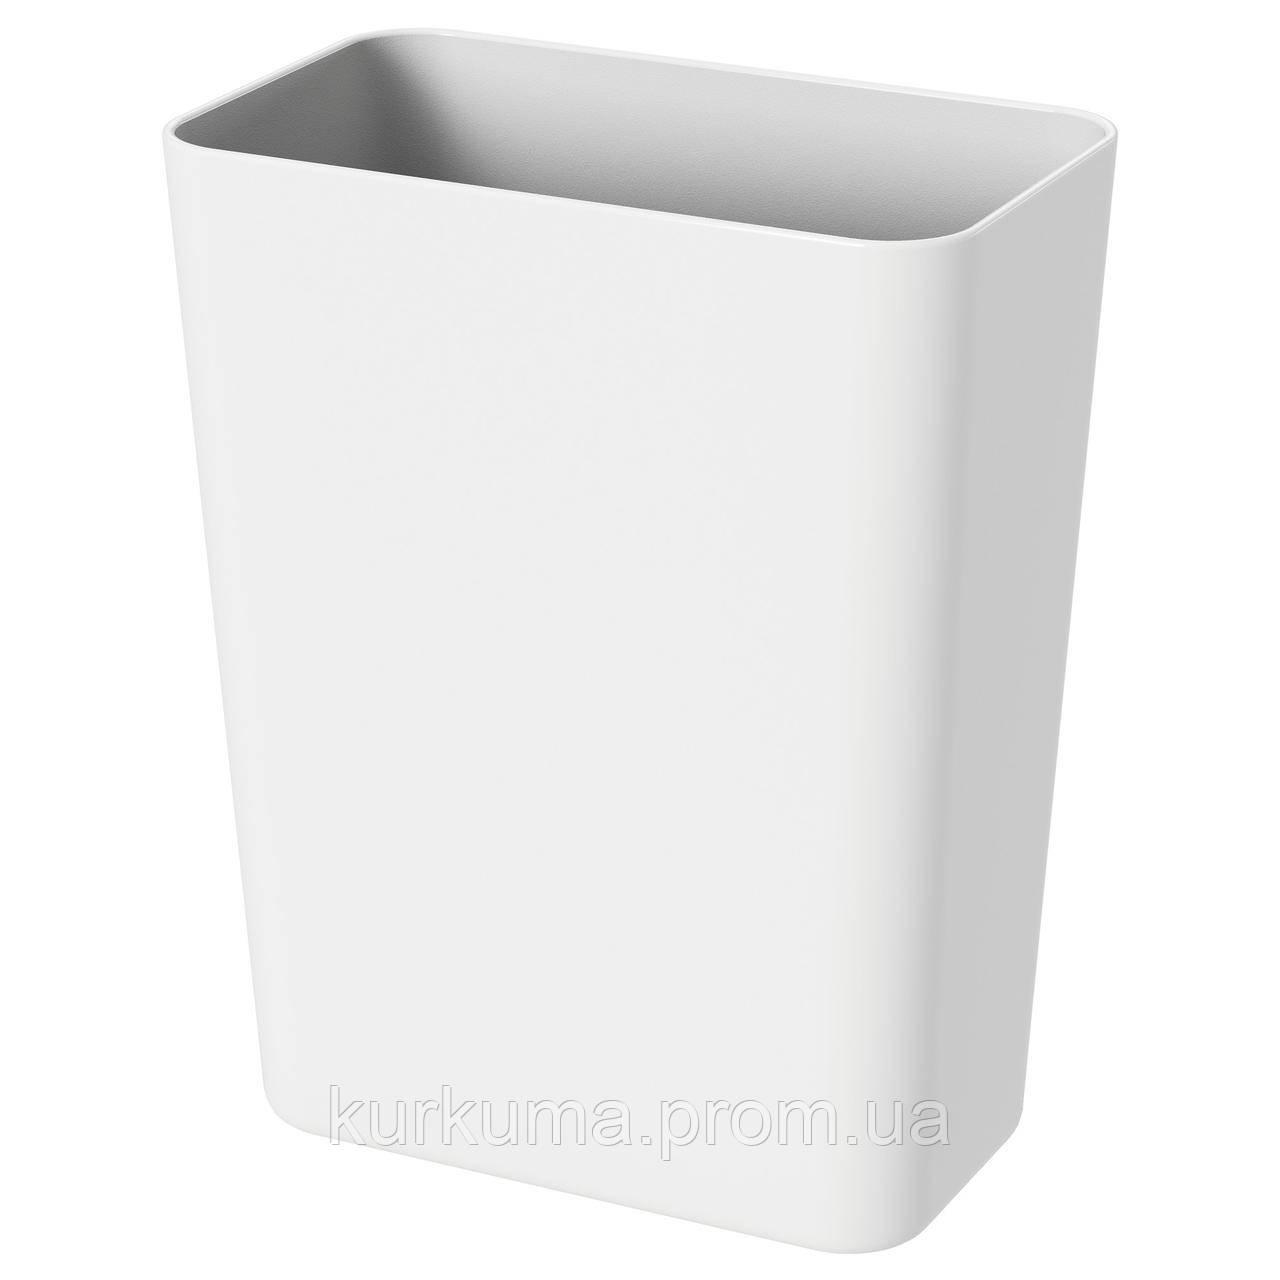 IKEA VARIERA Контейнер для кухонных приборов, белый  (103.031.48)